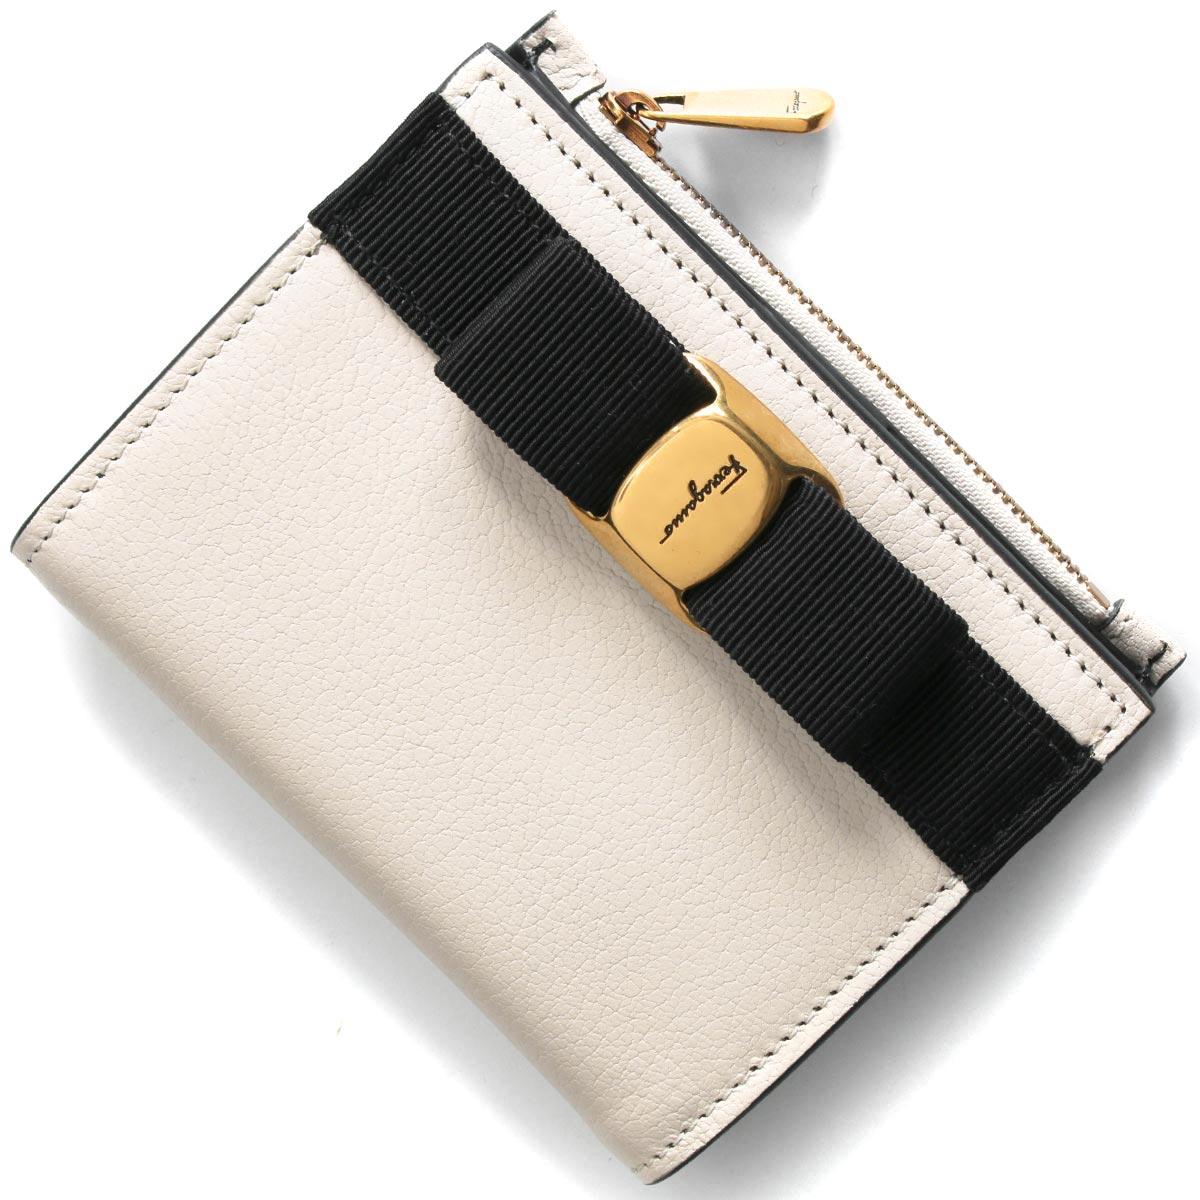 フェラガモ二つ折り財布財布レディースヴァラリボンボーンホワイト&ブラック22E009BONENERO07352672020年秋冬新作SALVATOREFERRAGAMO